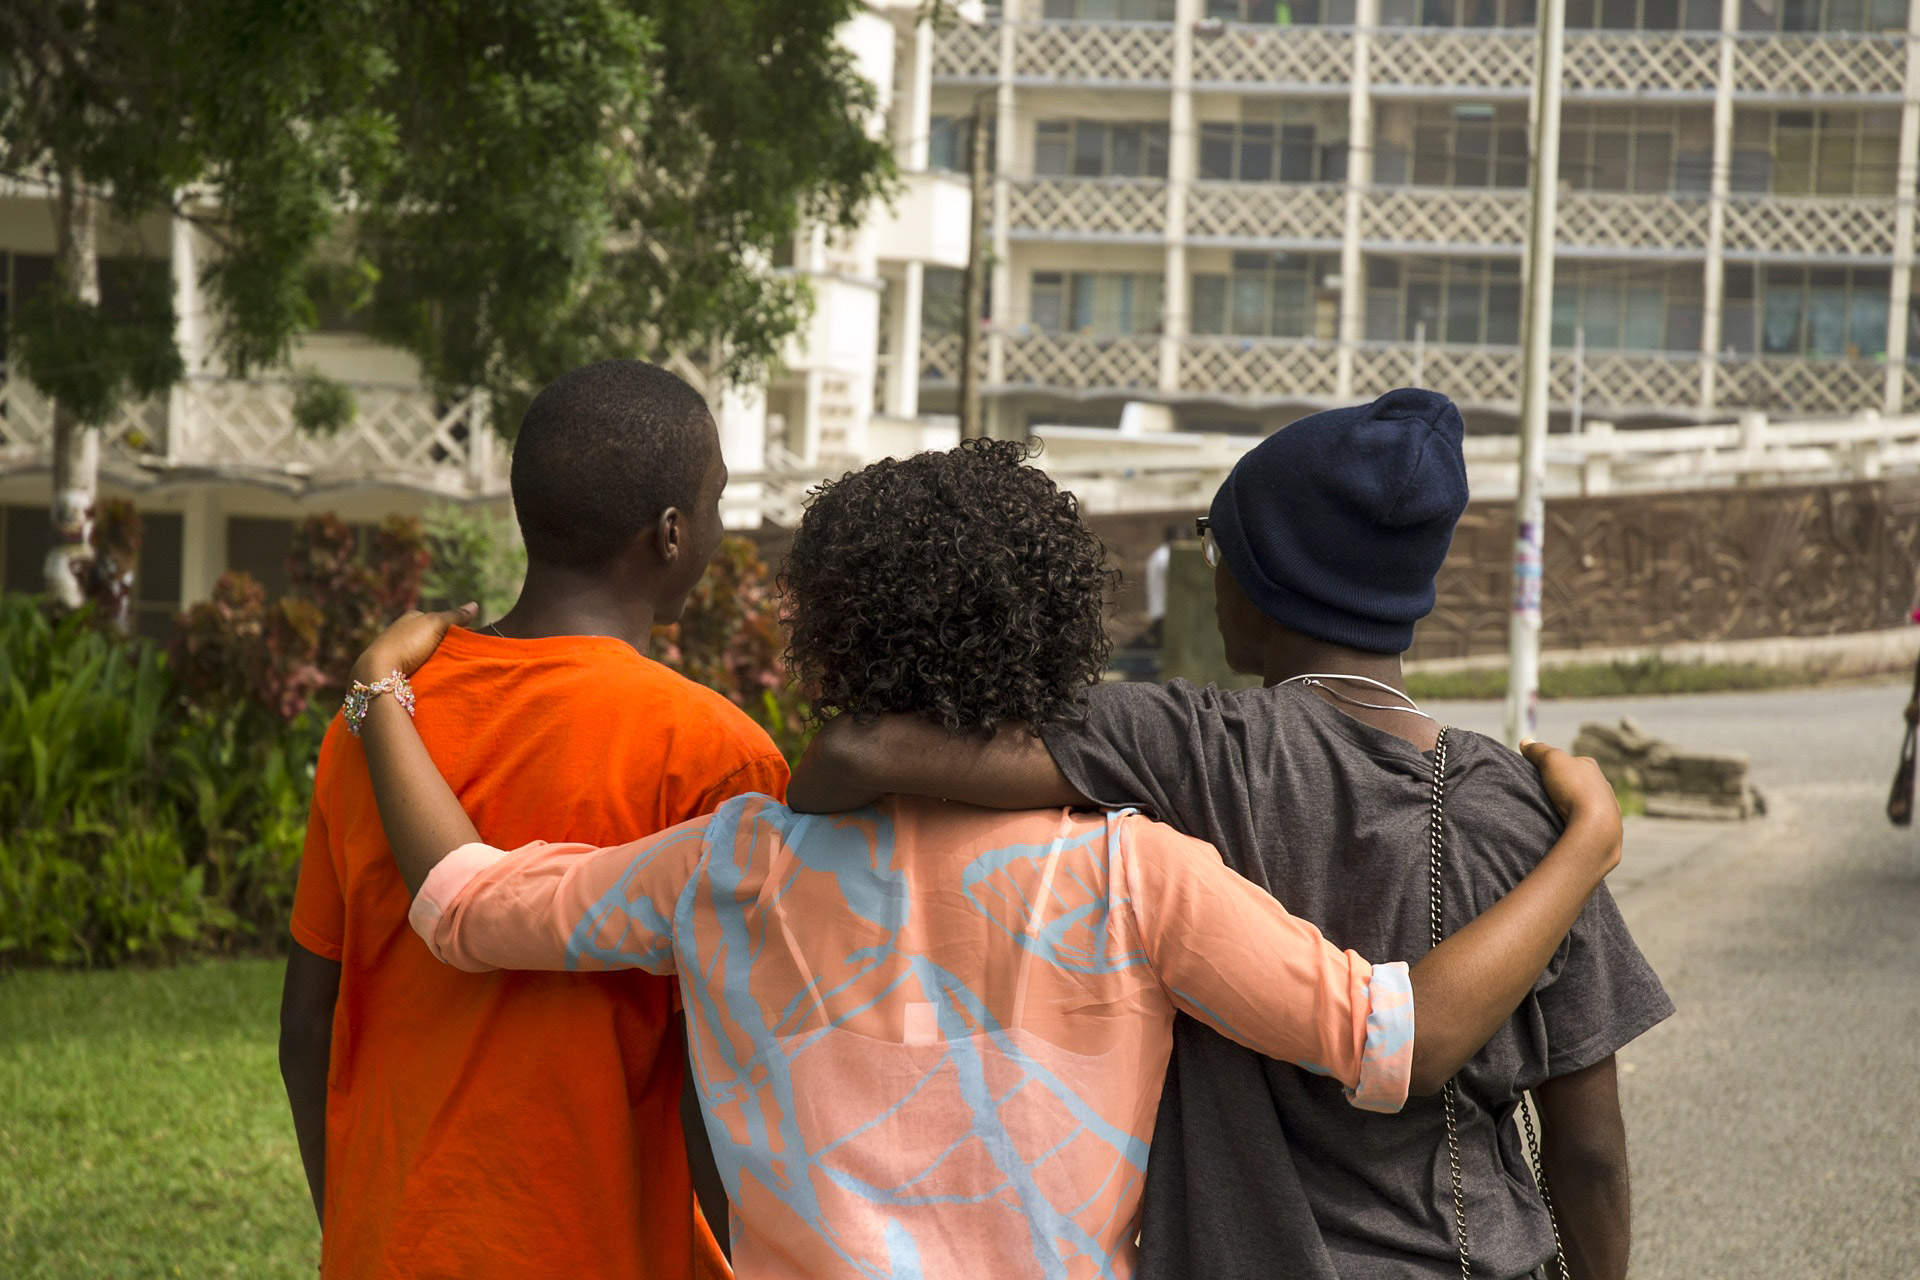 Jovens Migrantes